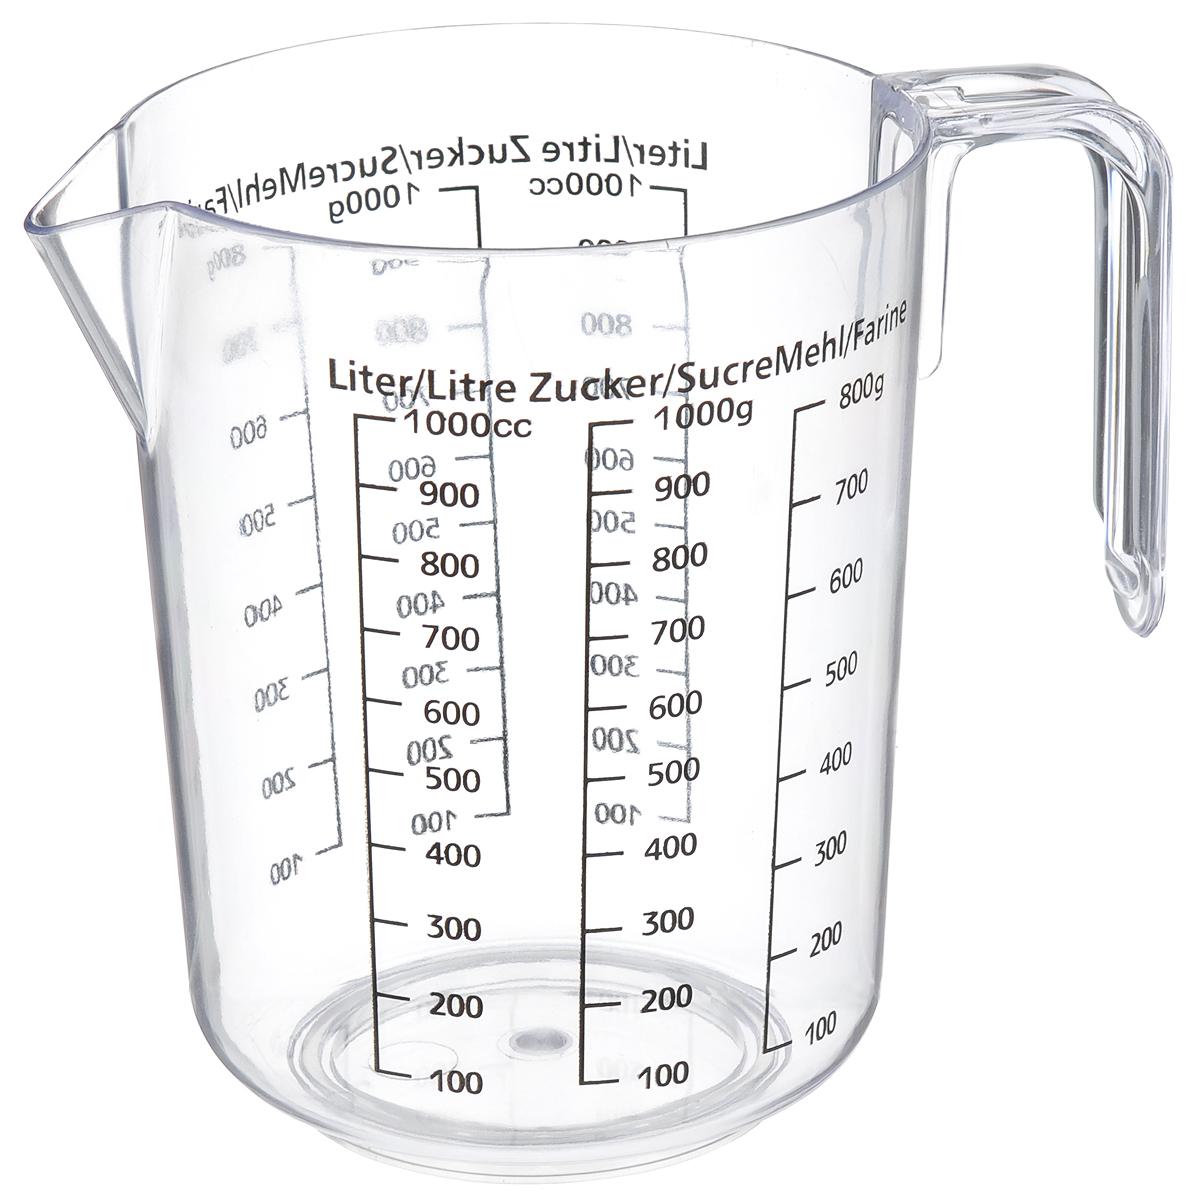 Кувшин мерный Fackelmann, 1 л42401Мерный прозрачный кувшин пригодится на каждой кухне, ведь зачастую приготовление некоторых блюд требует известной точности. Данный кувшин позволяет мерить жидкости до 1 литра, сахар и разные сыпучие продукты. Кувшин можно использовать как чашу для взбивания продуктов.Можно использовать в посудомоечной машине. Объем кувшина: 1 л.Высота кувшина: 15 см.Диаметр кувшина (по верхнему краю): 12 см.